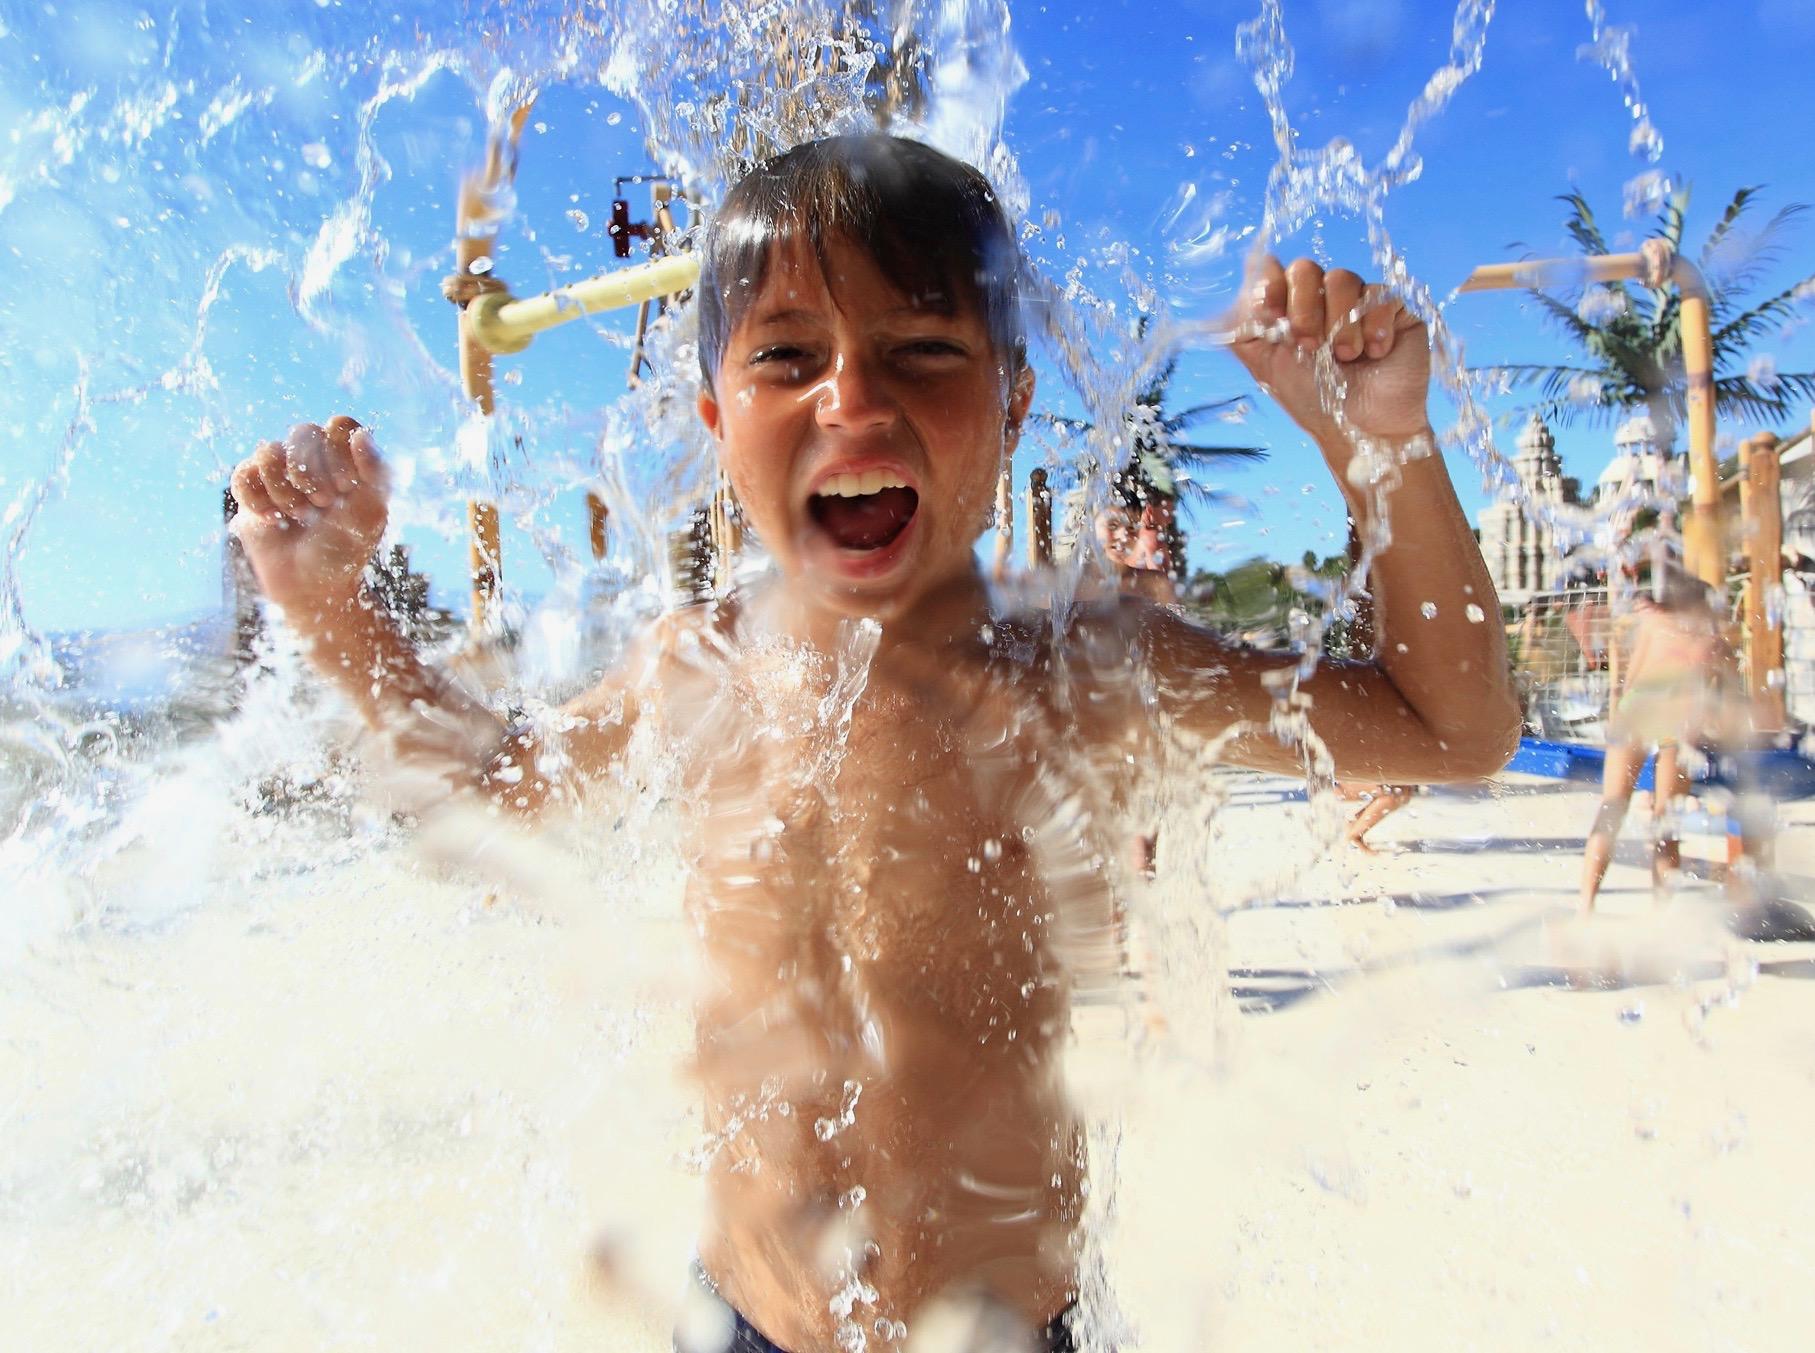 Un niño divirtiéndose bajo el agua en el Siam Park